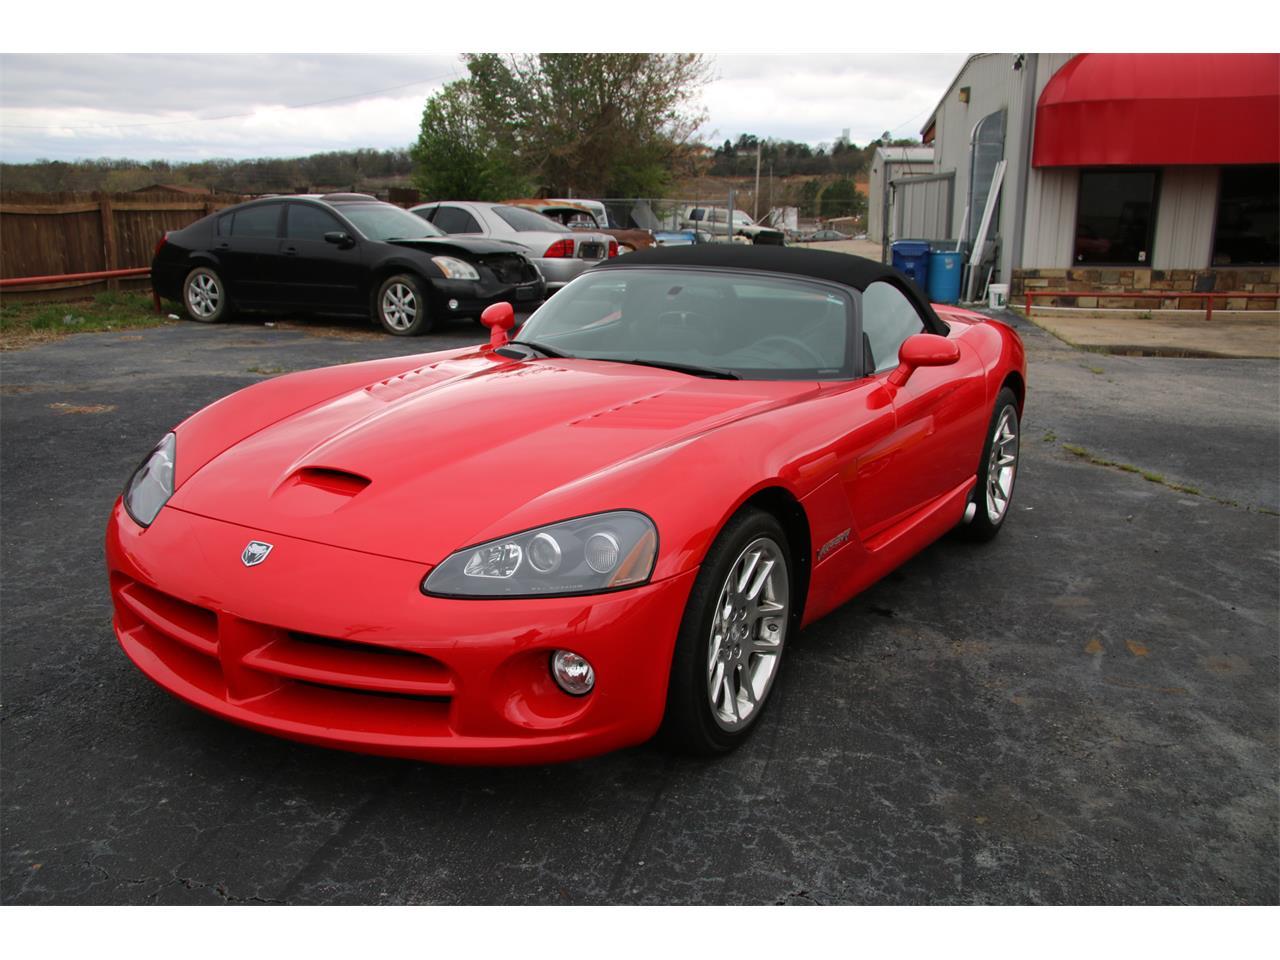 Dodge Viper For Sale >> 2003 Dodge Viper For Sale Classiccars Com Cc 1207235